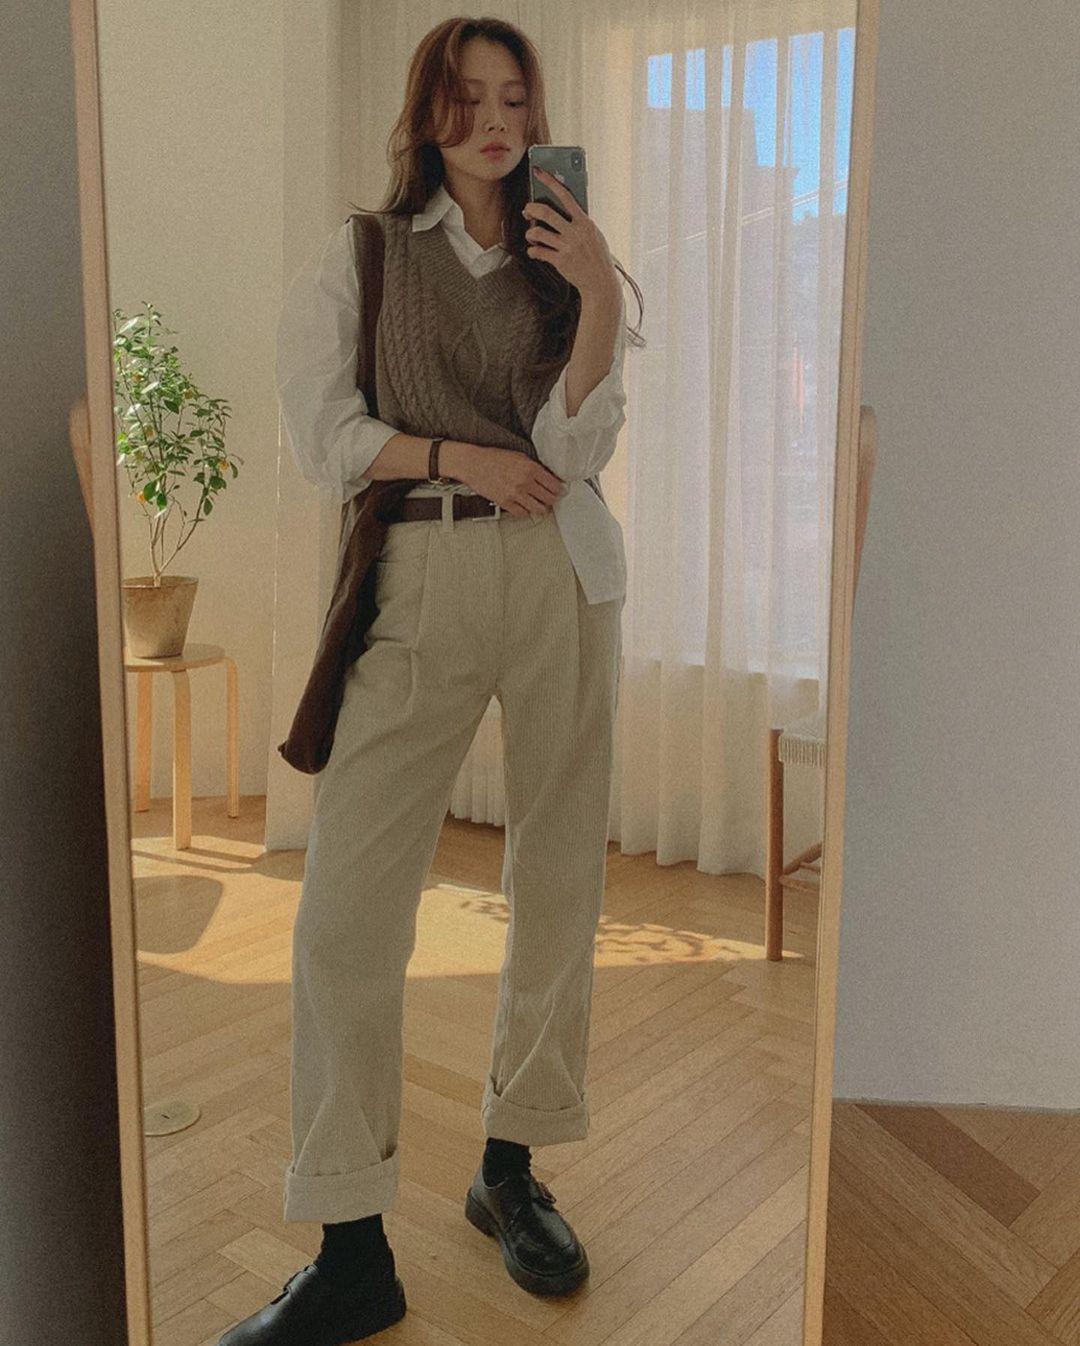 5 kiểu trang phục mùa Đông sẽ khiến bạn tăng 5kg, eo thon thả đến đâu mặc vào cũng thành 'dìm dáng', thấp lùn - Ảnh 5